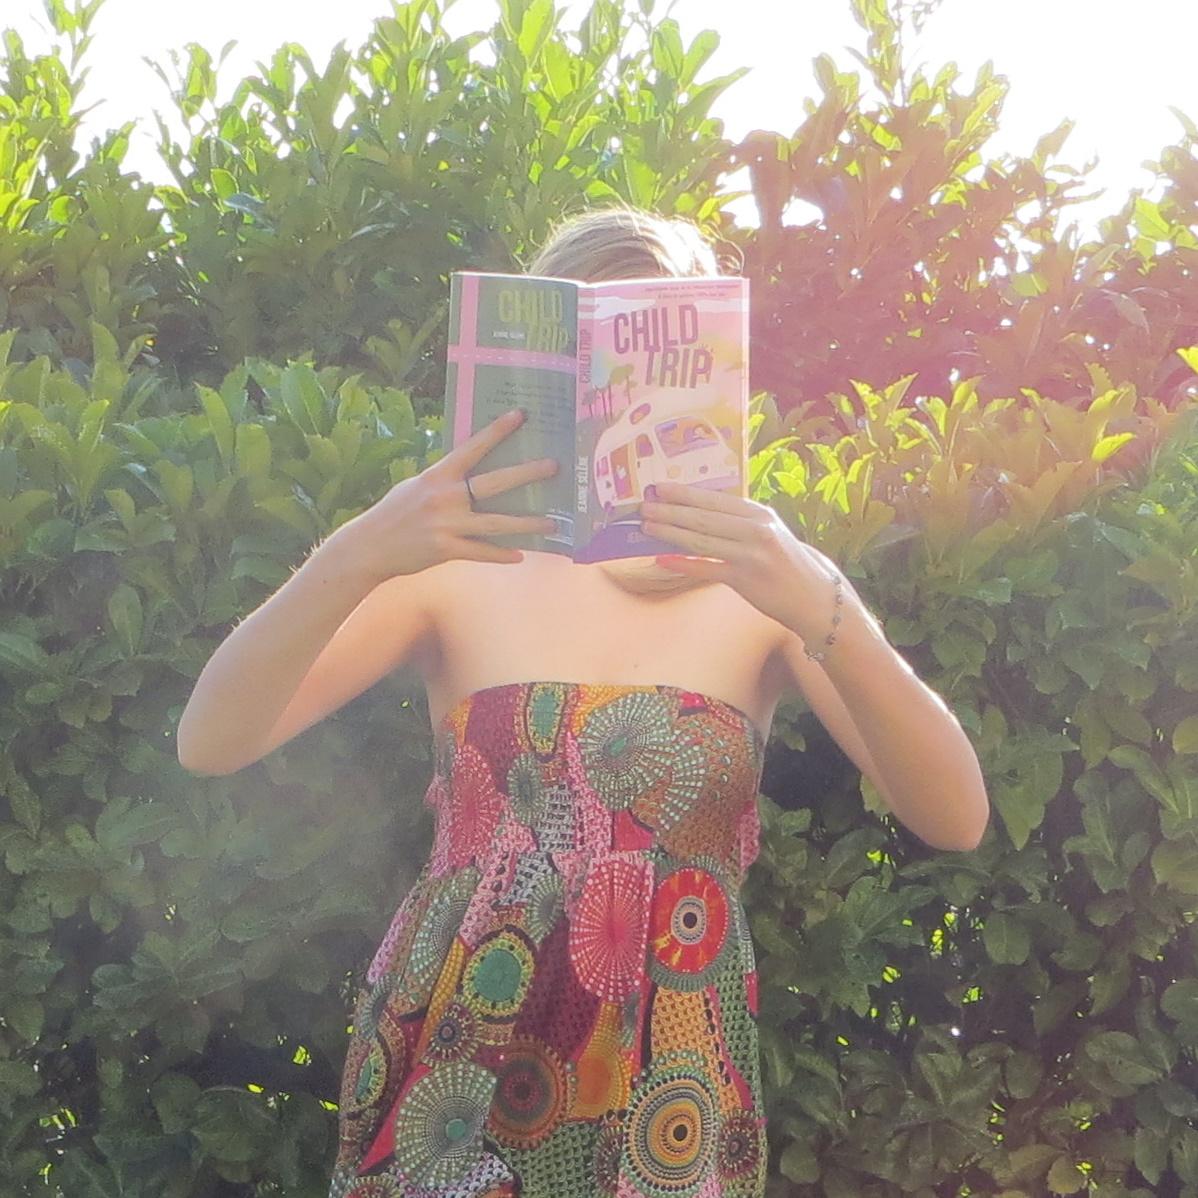 fille en robe bustier multicolore lisant Child Trip de Jeanne Sélène devant une haie, illuminée par le soleil